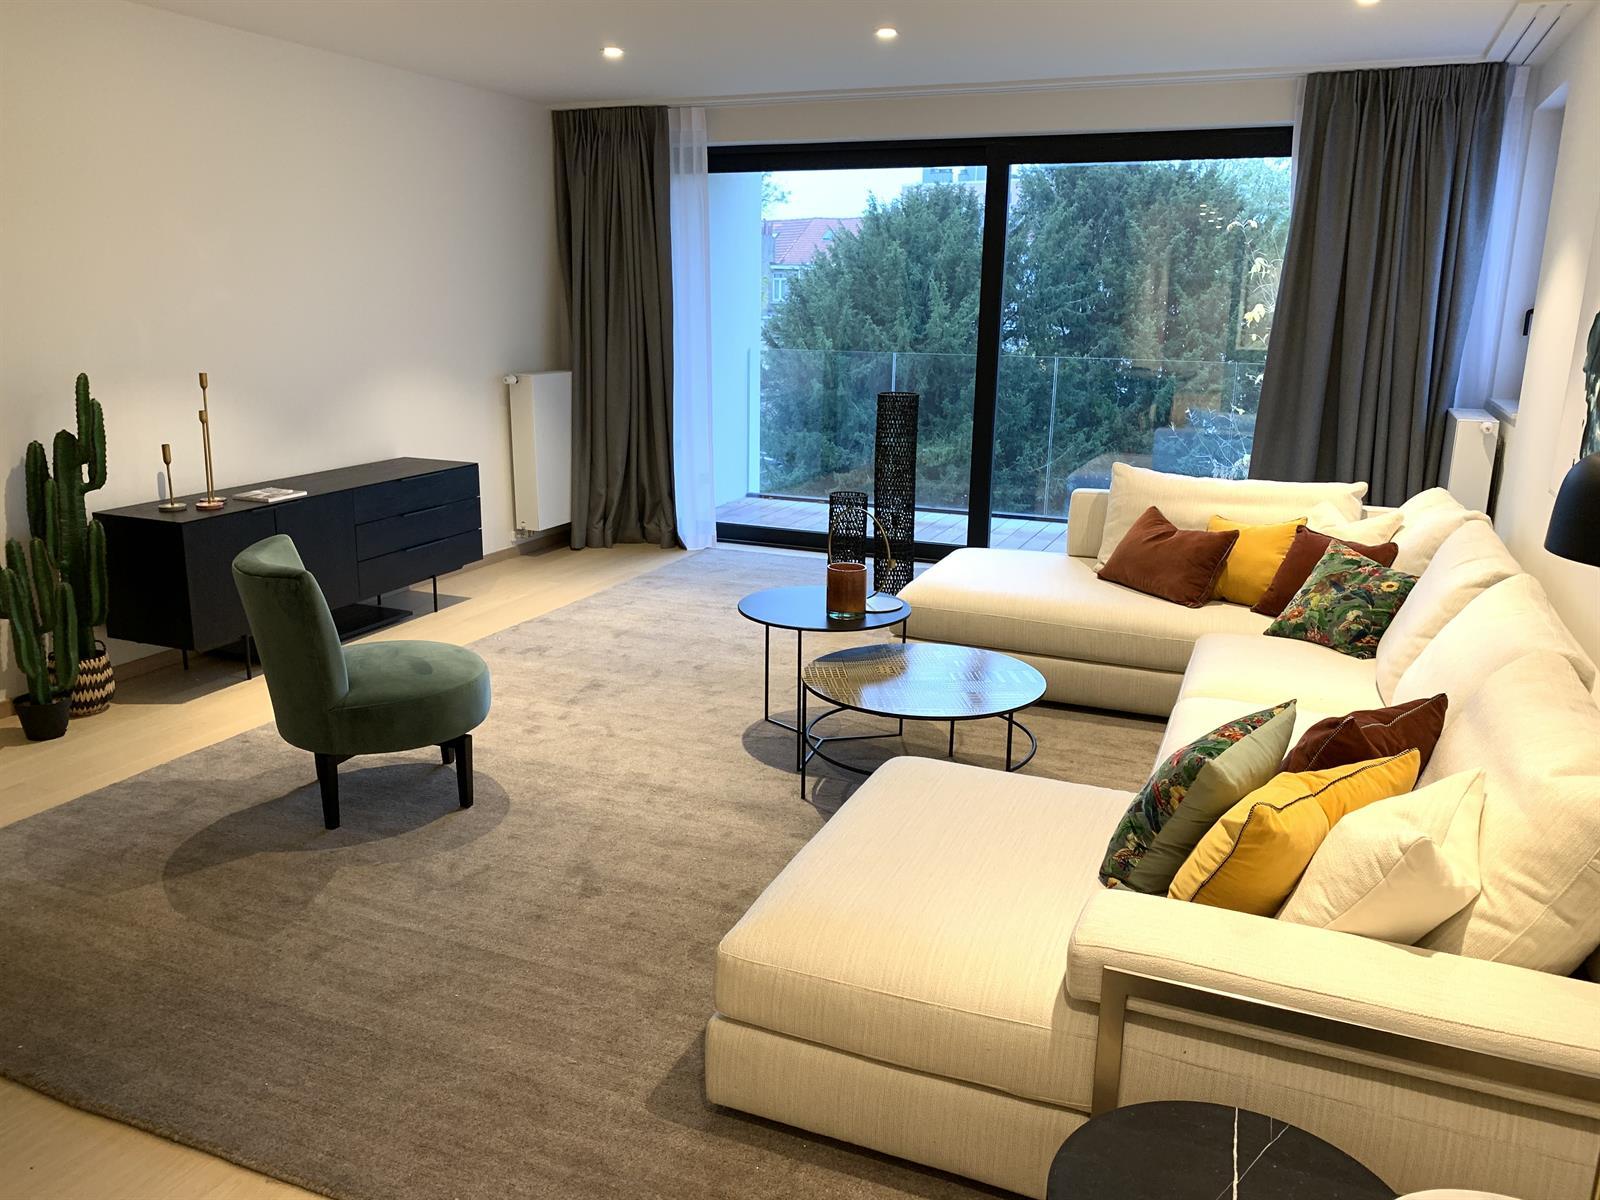 Appartement exceptionnel - Ixelles - #3929614-1